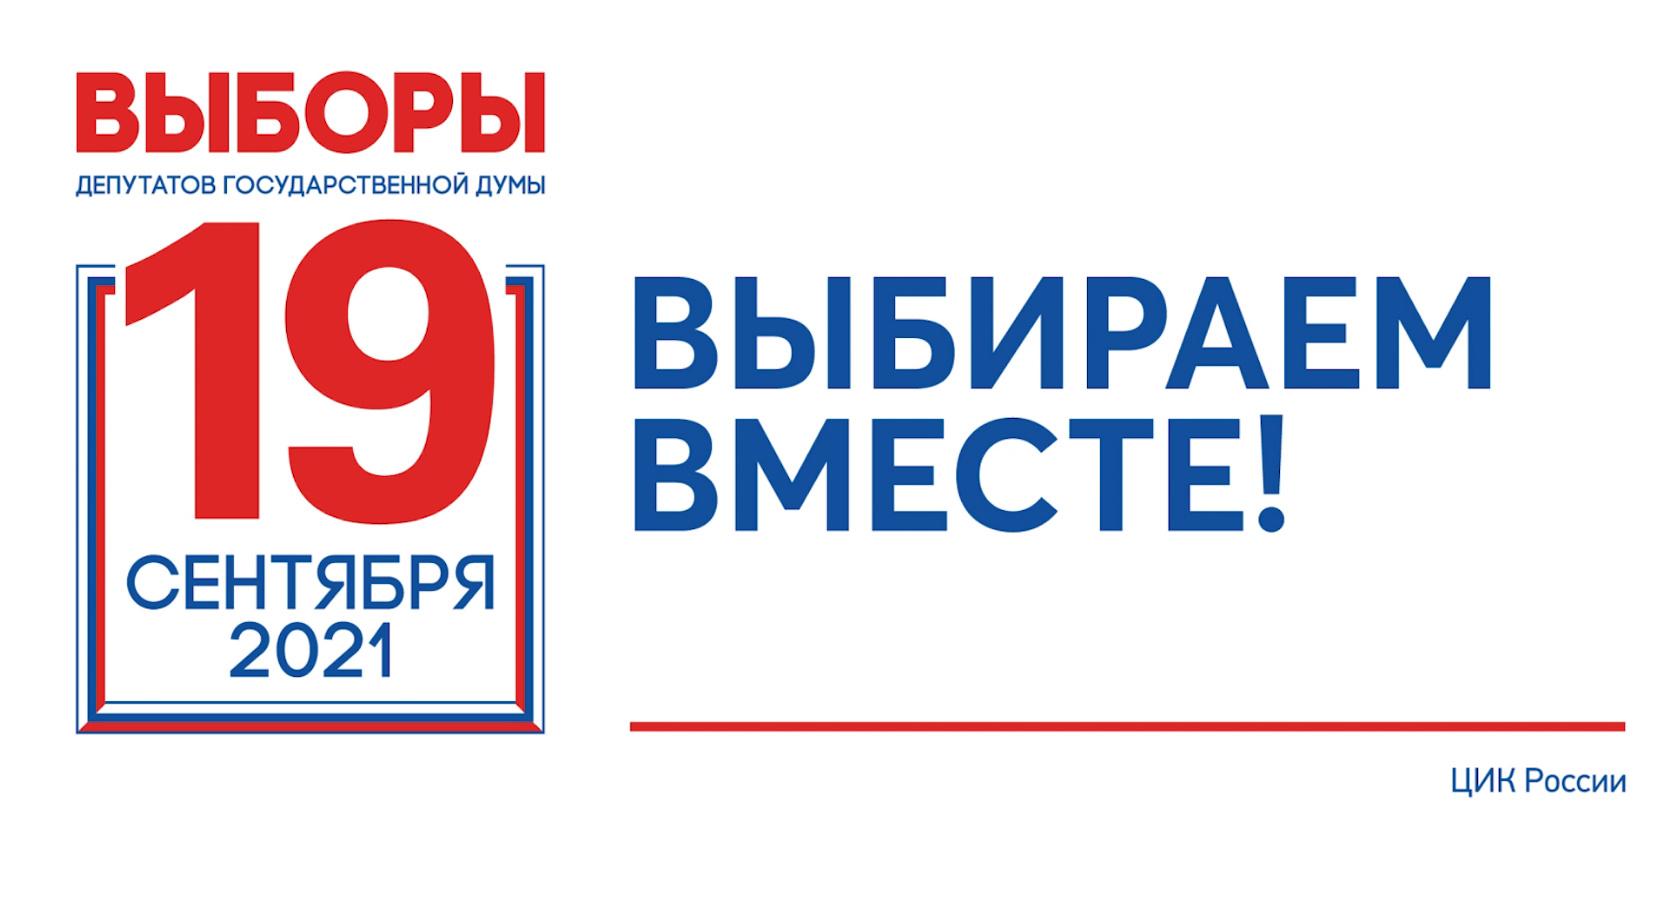 Избирательные комиссии Югры готовы к проведению голосования 17-19 сентября